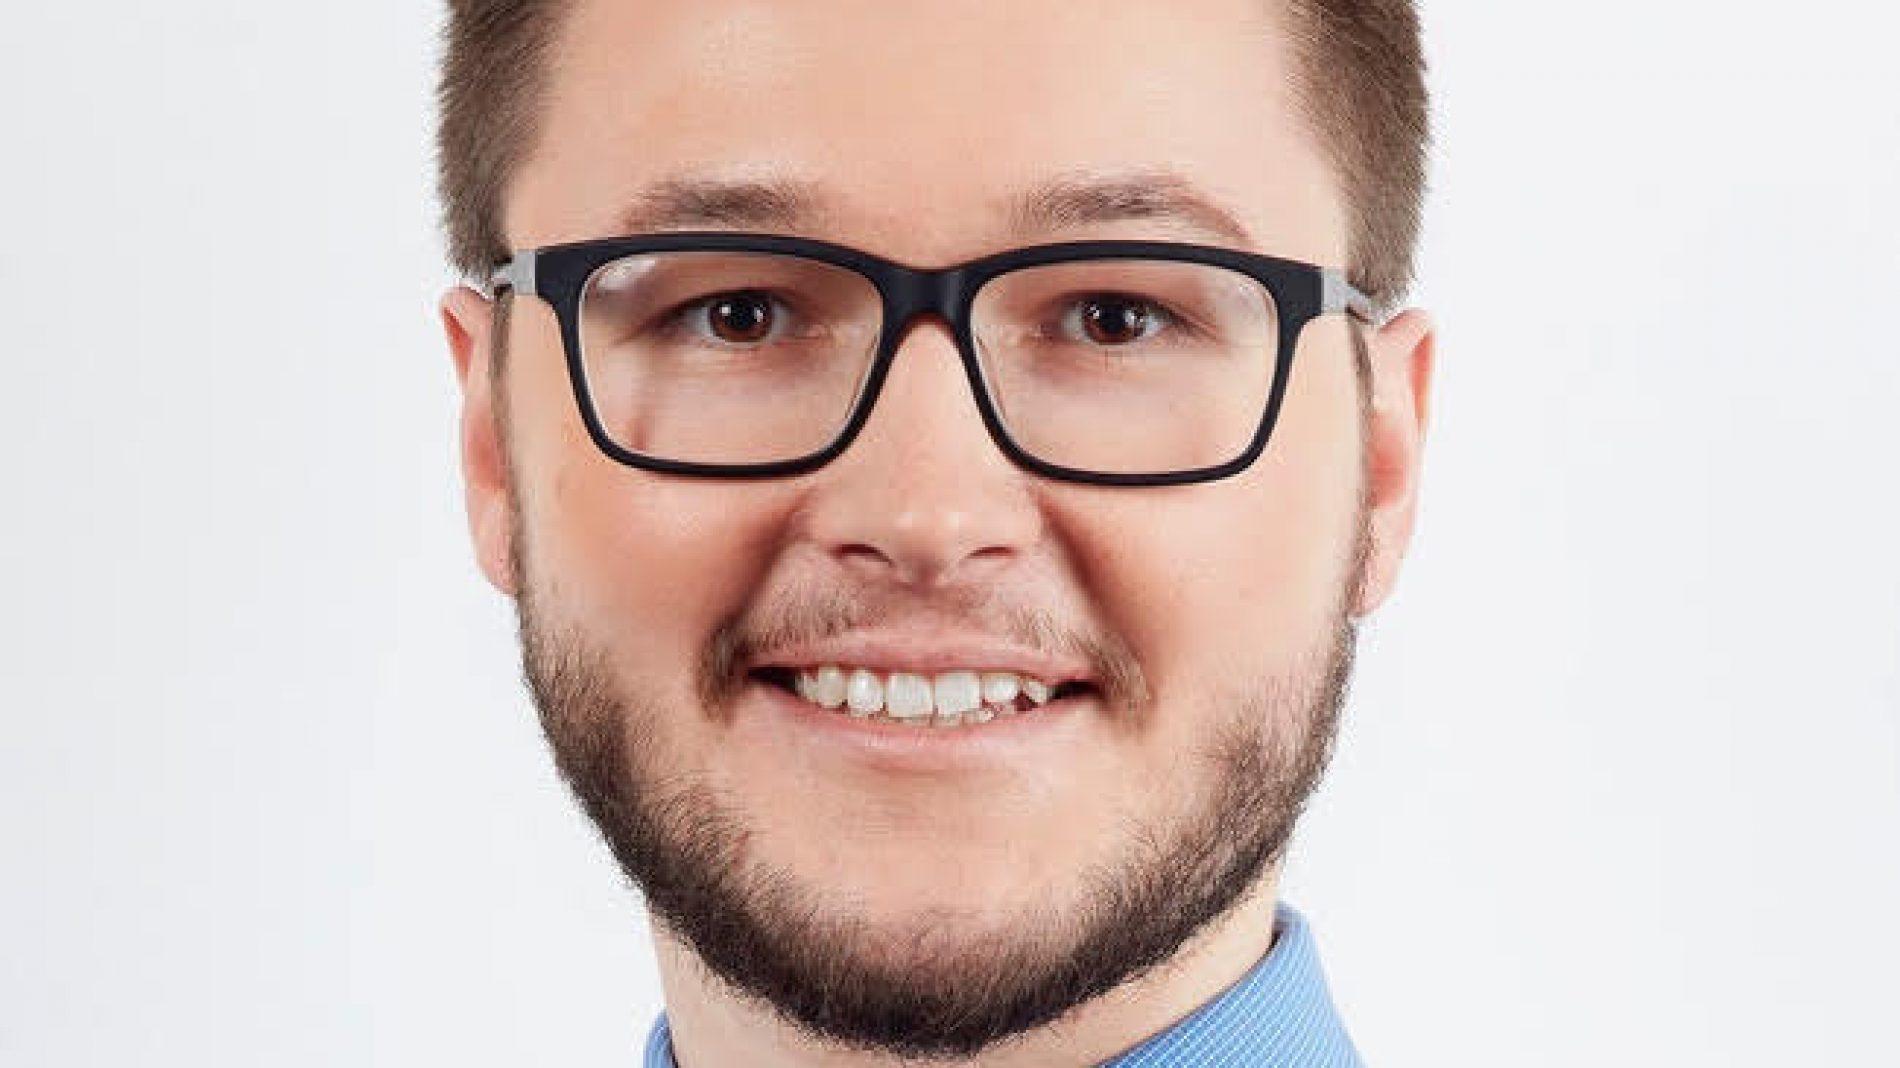 Labour Party general election candidate Liam van der Spek